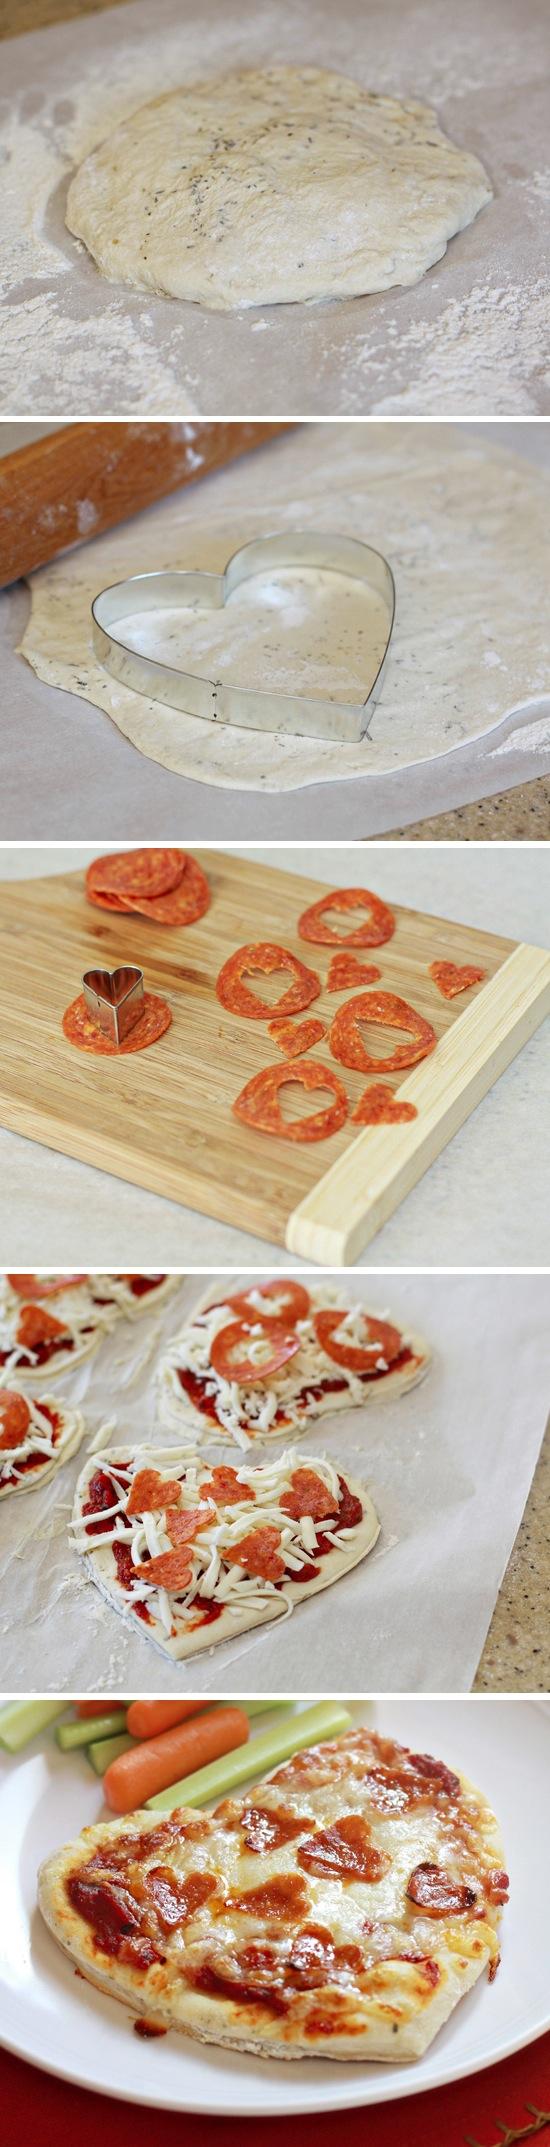 Homemade-Mini-Heart-Pizzas